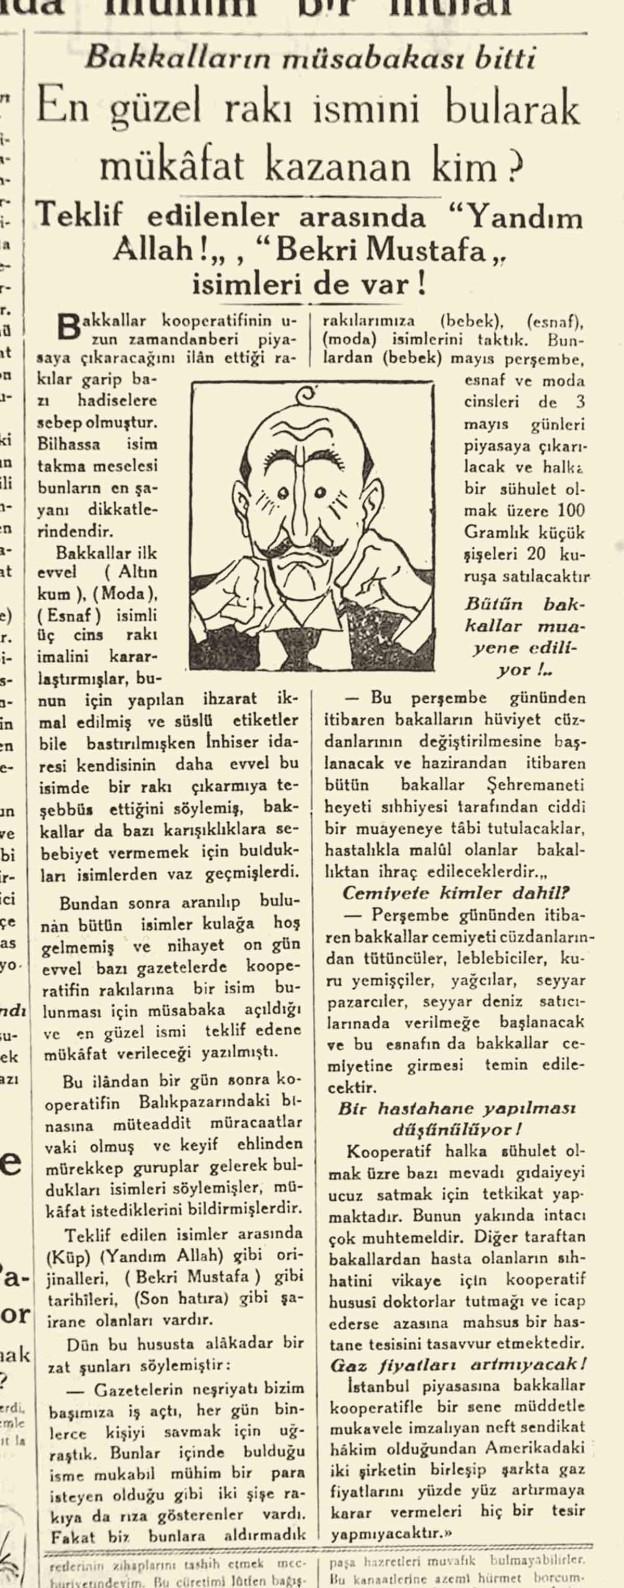 MÜSABAKA-28Nisan1930-Vakit